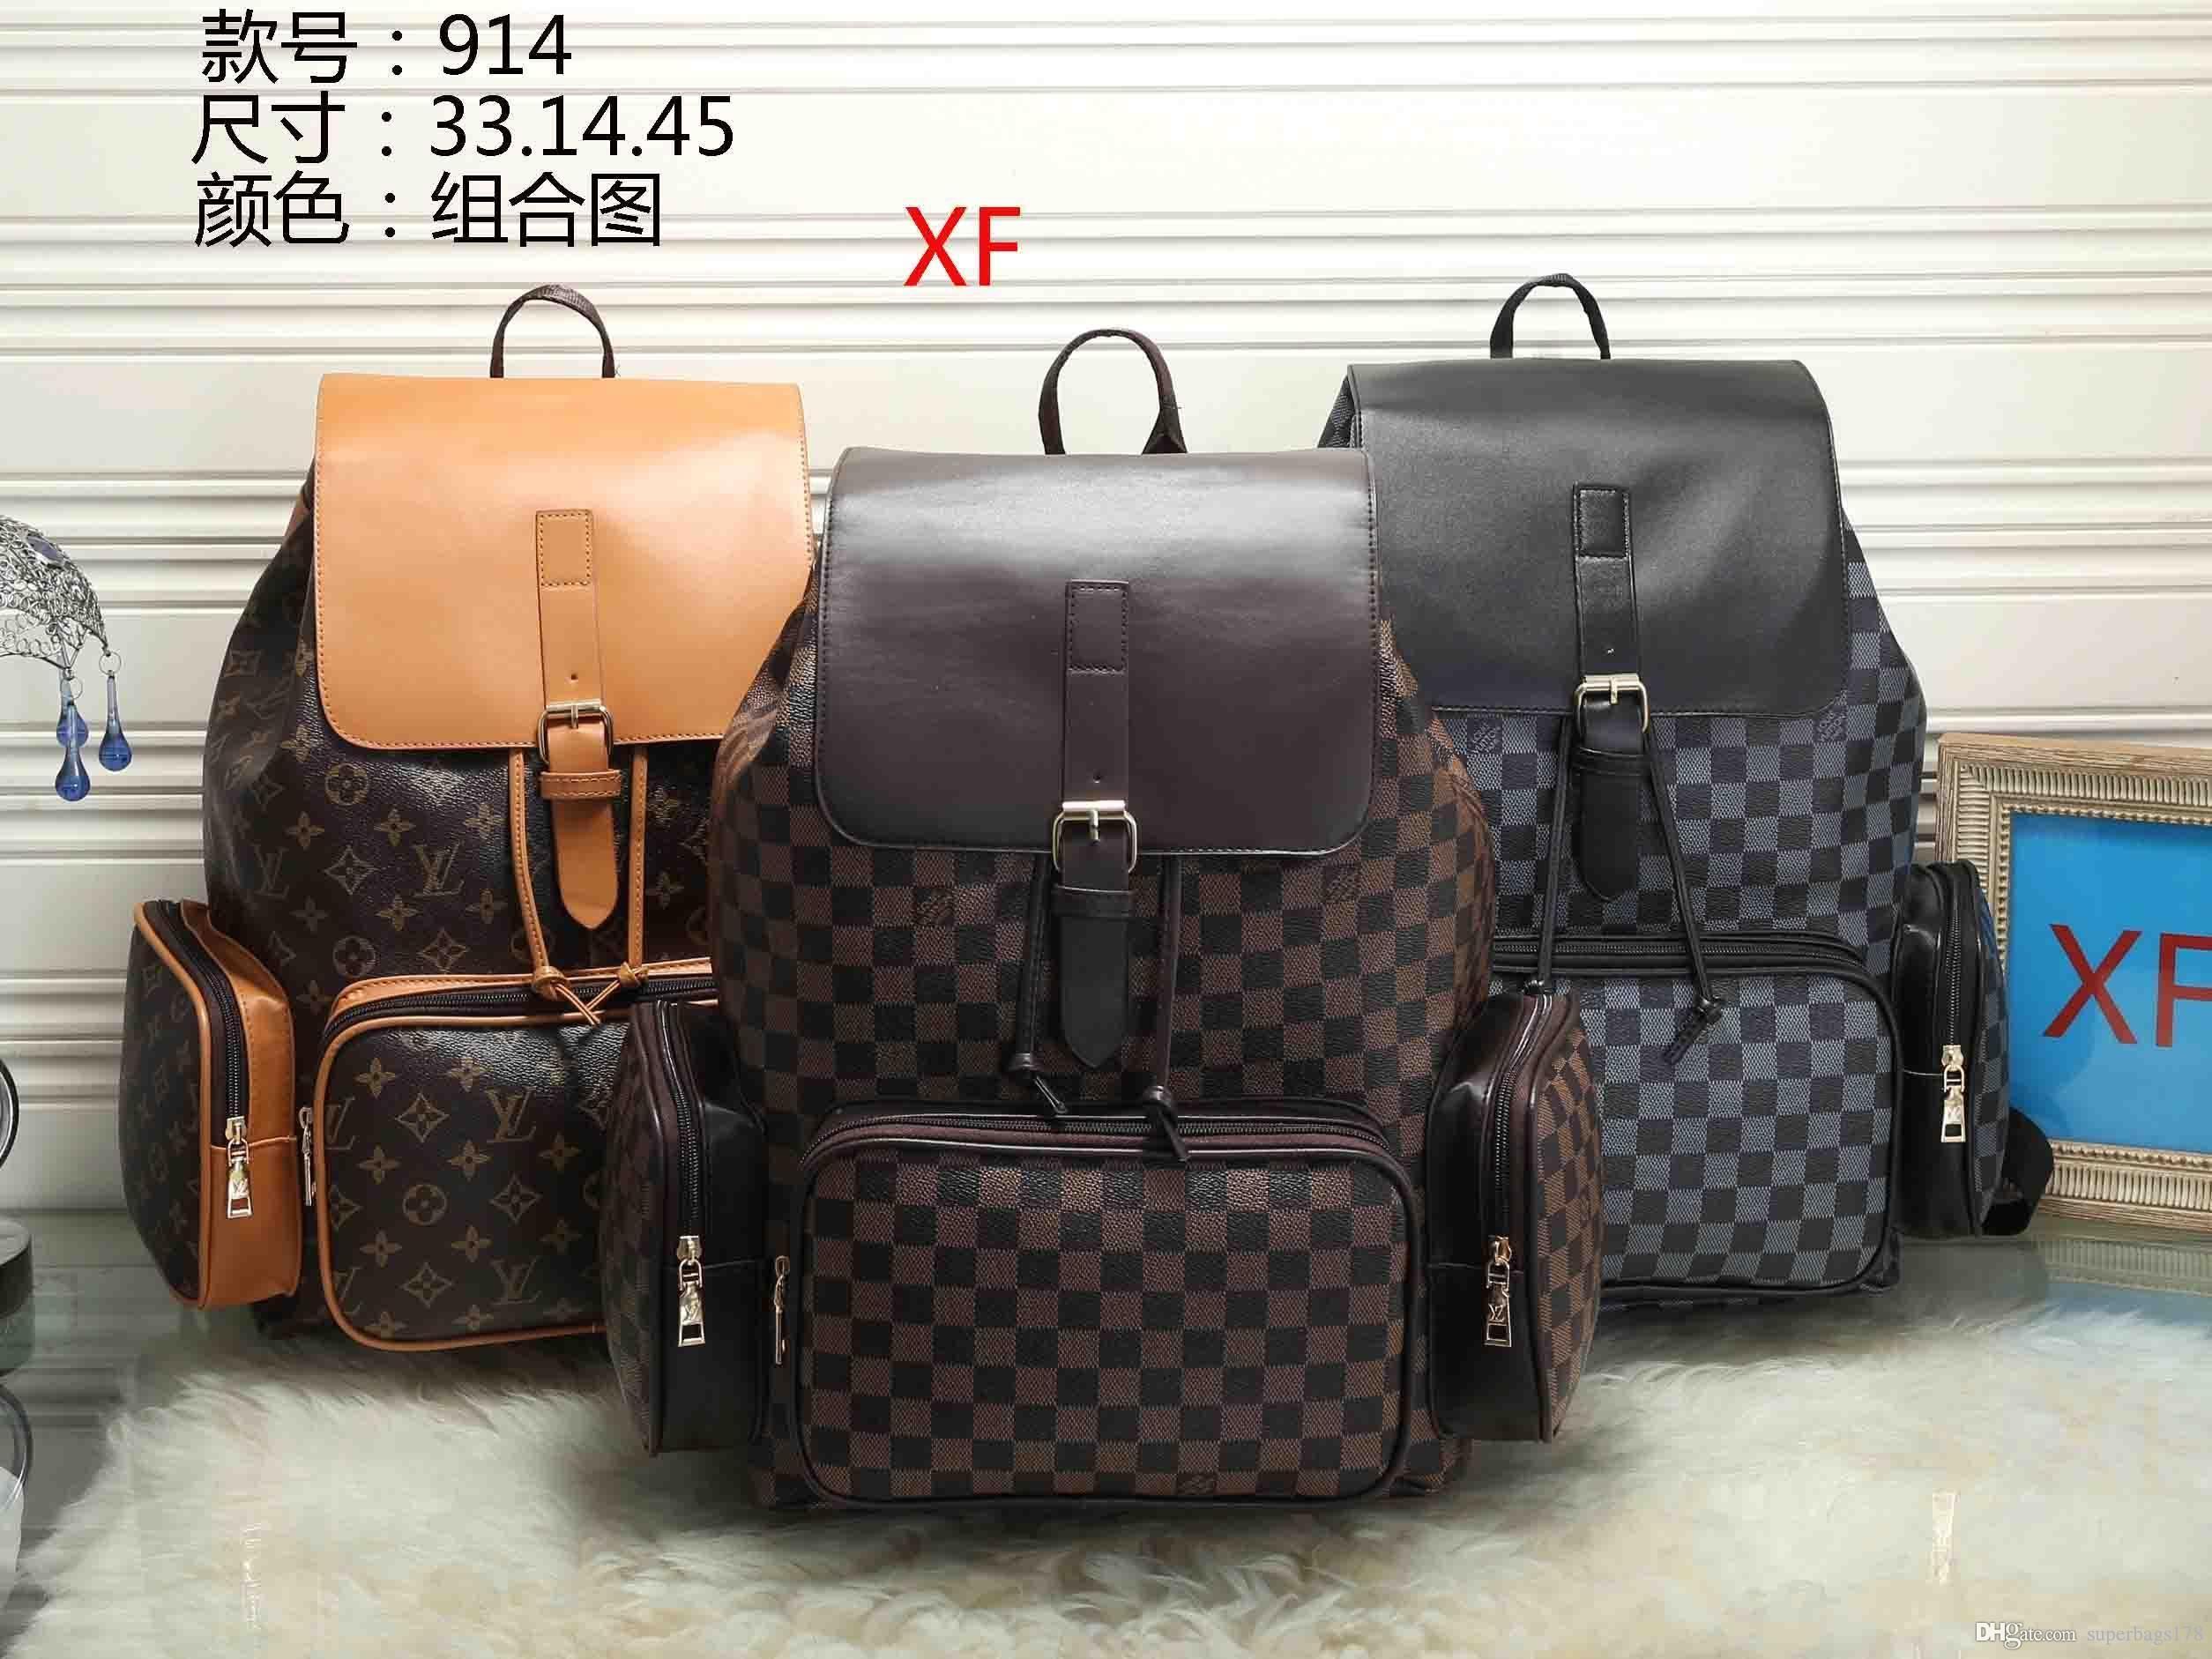 RRR XF 914 Miglior prezzo delle signore delle donne di alta qualità borsa singola borsa del portafoglio borsa zaino tote spalla